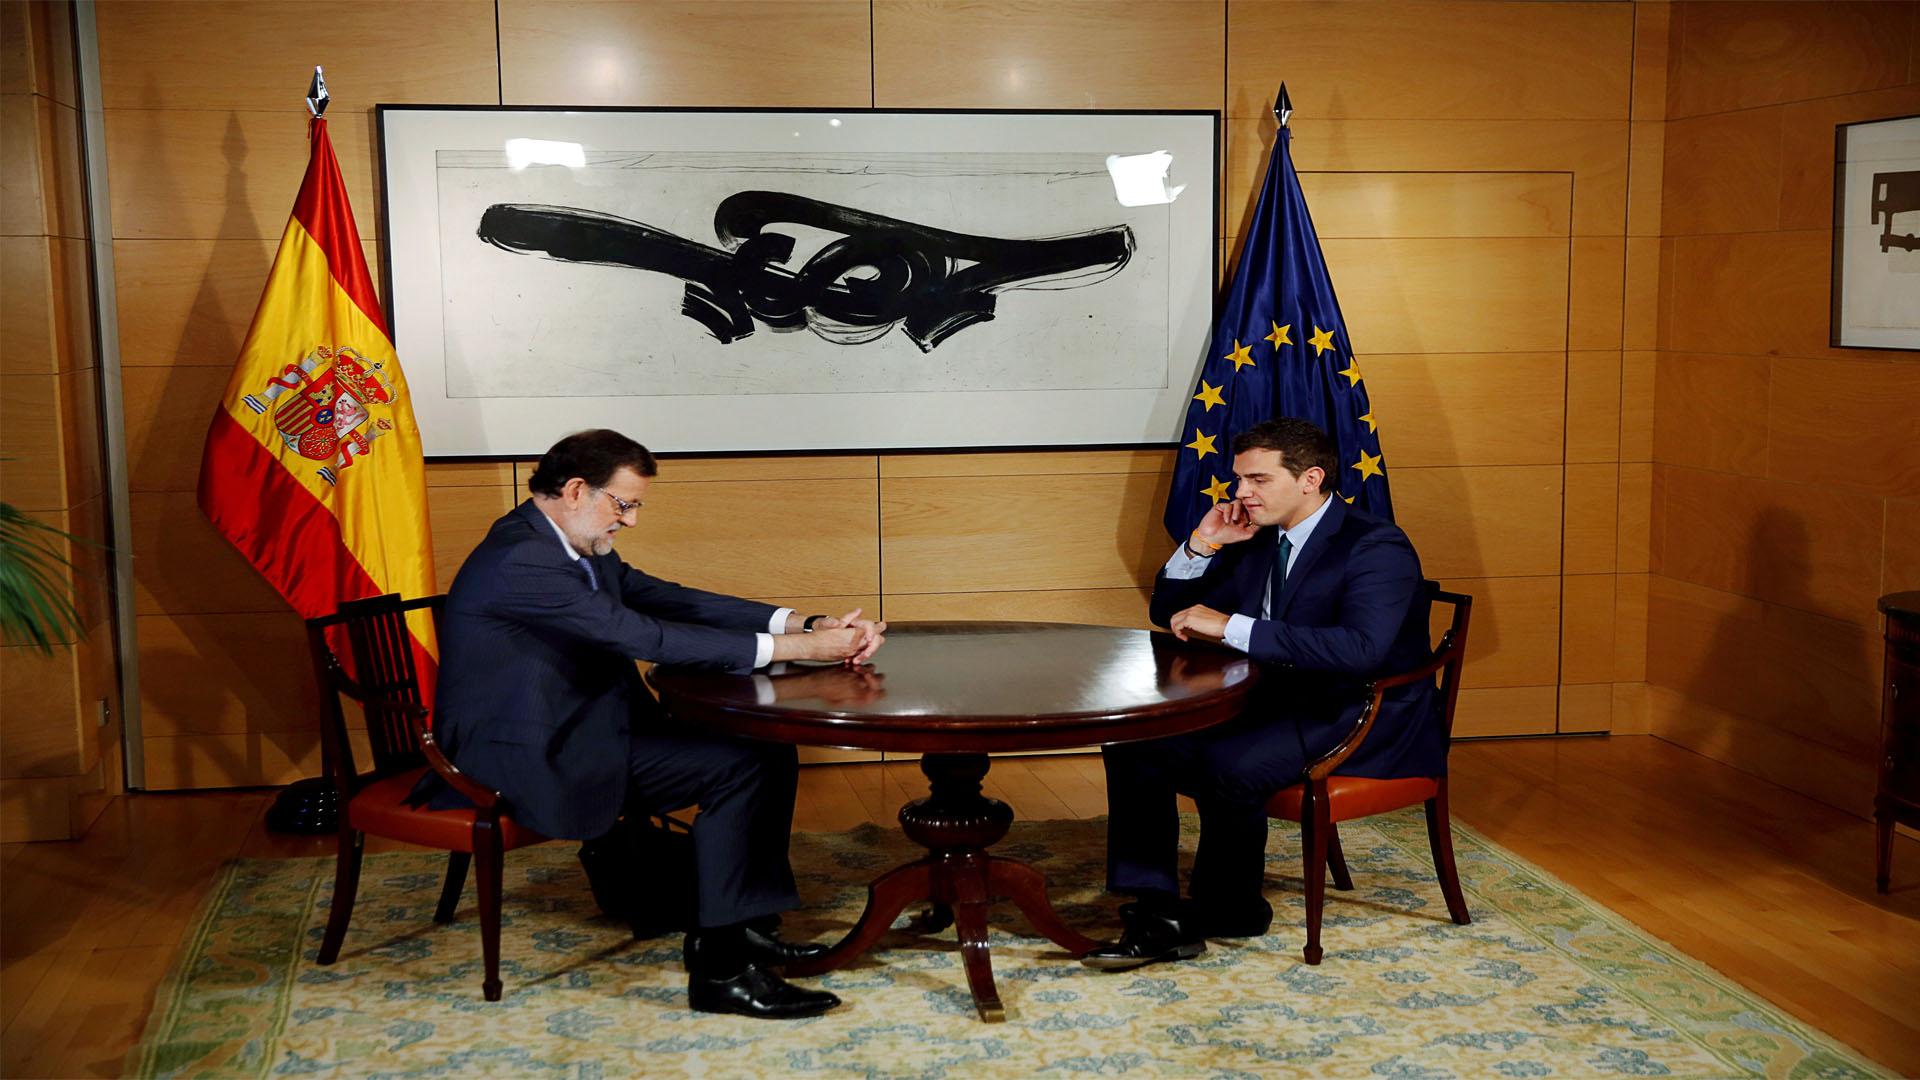 El partido español le informó a Mariano Rajoy que los requisitos para que el gobierne no se pueden cambiar